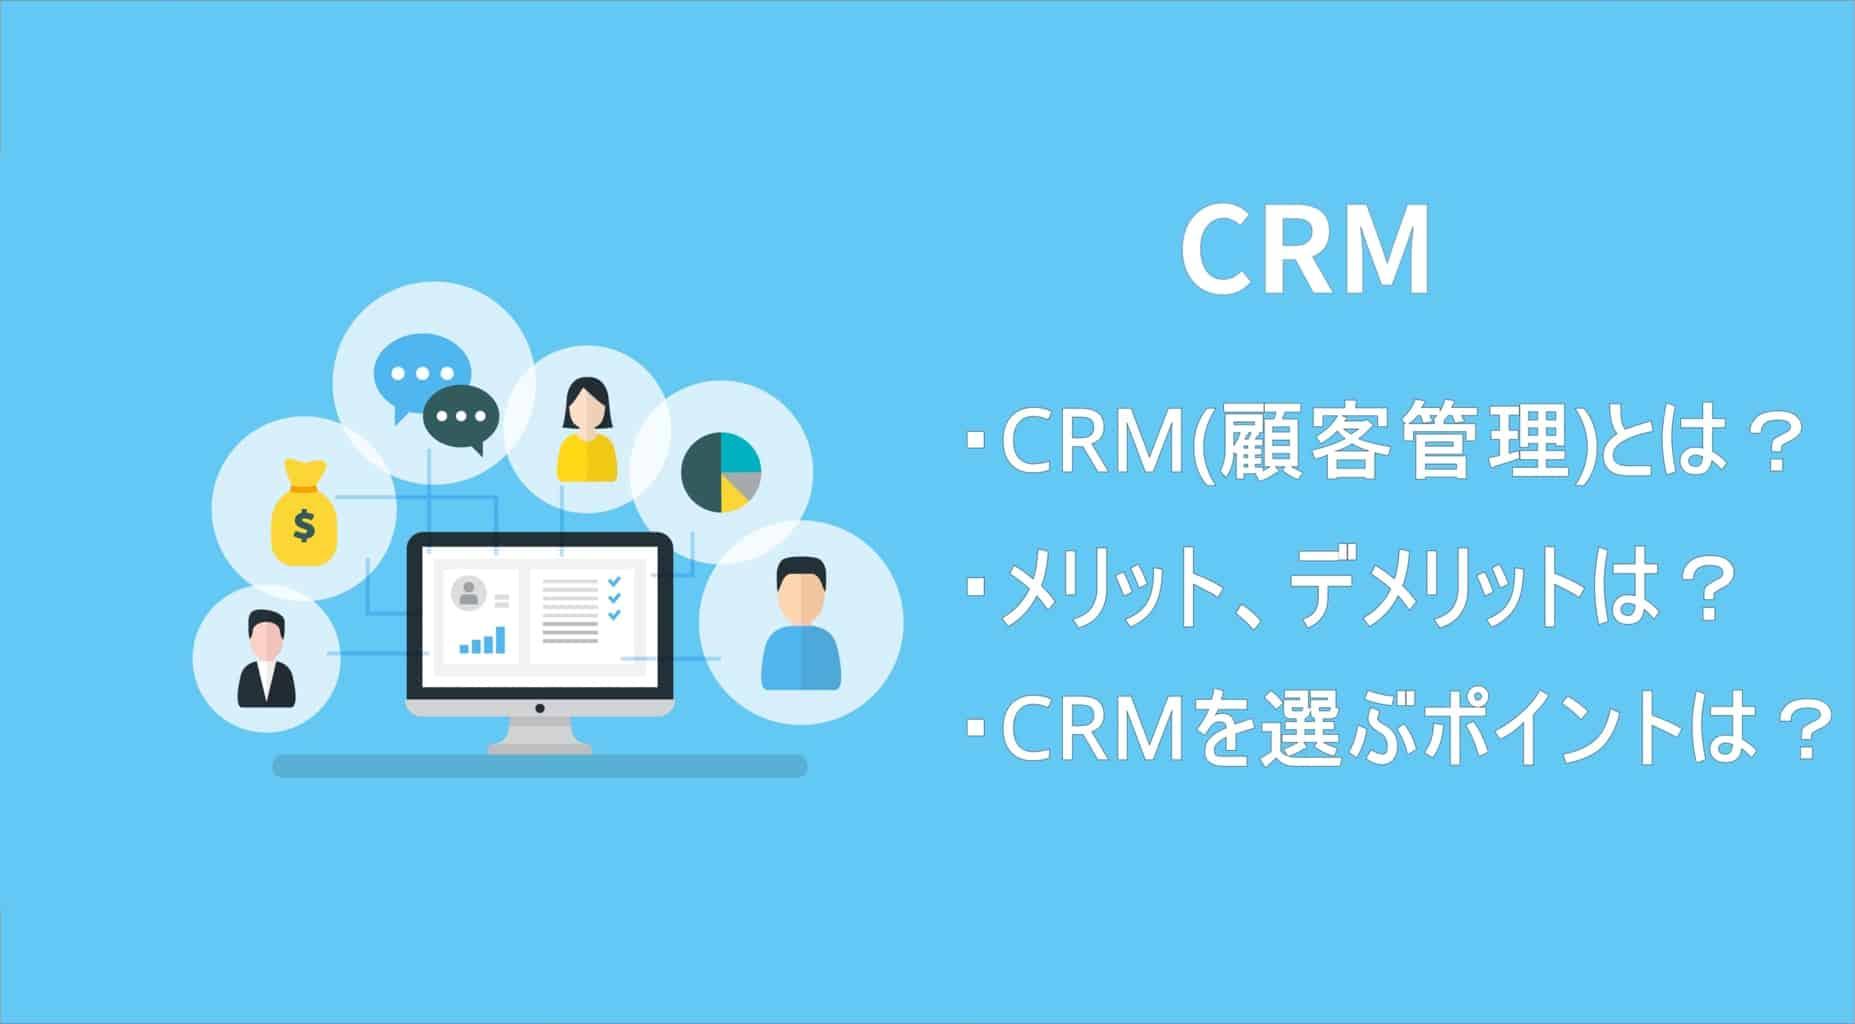 CRM(顧客管理)とは?メリット・デメリットやCRMを選ぶポイントも紹介!